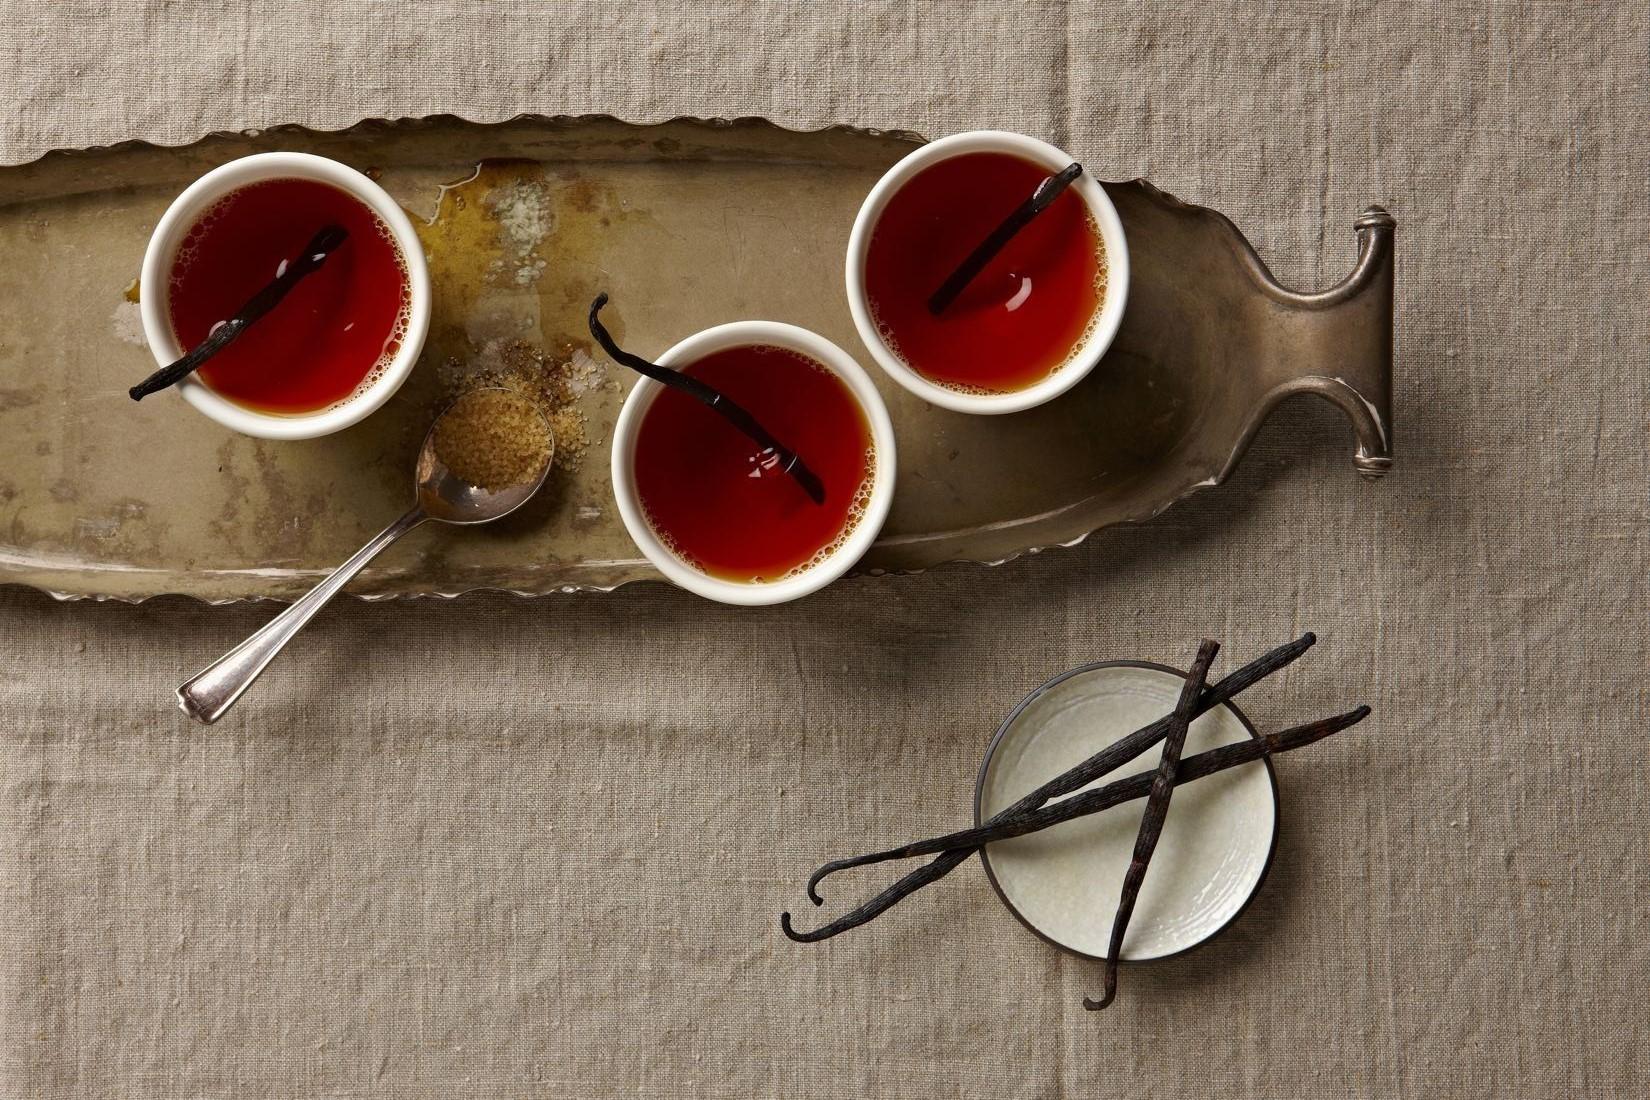 Các công thức sản phẩm từ vanilla phù hợp với insight và lối sống lành mạnh của người tiêu dùng hiện nay